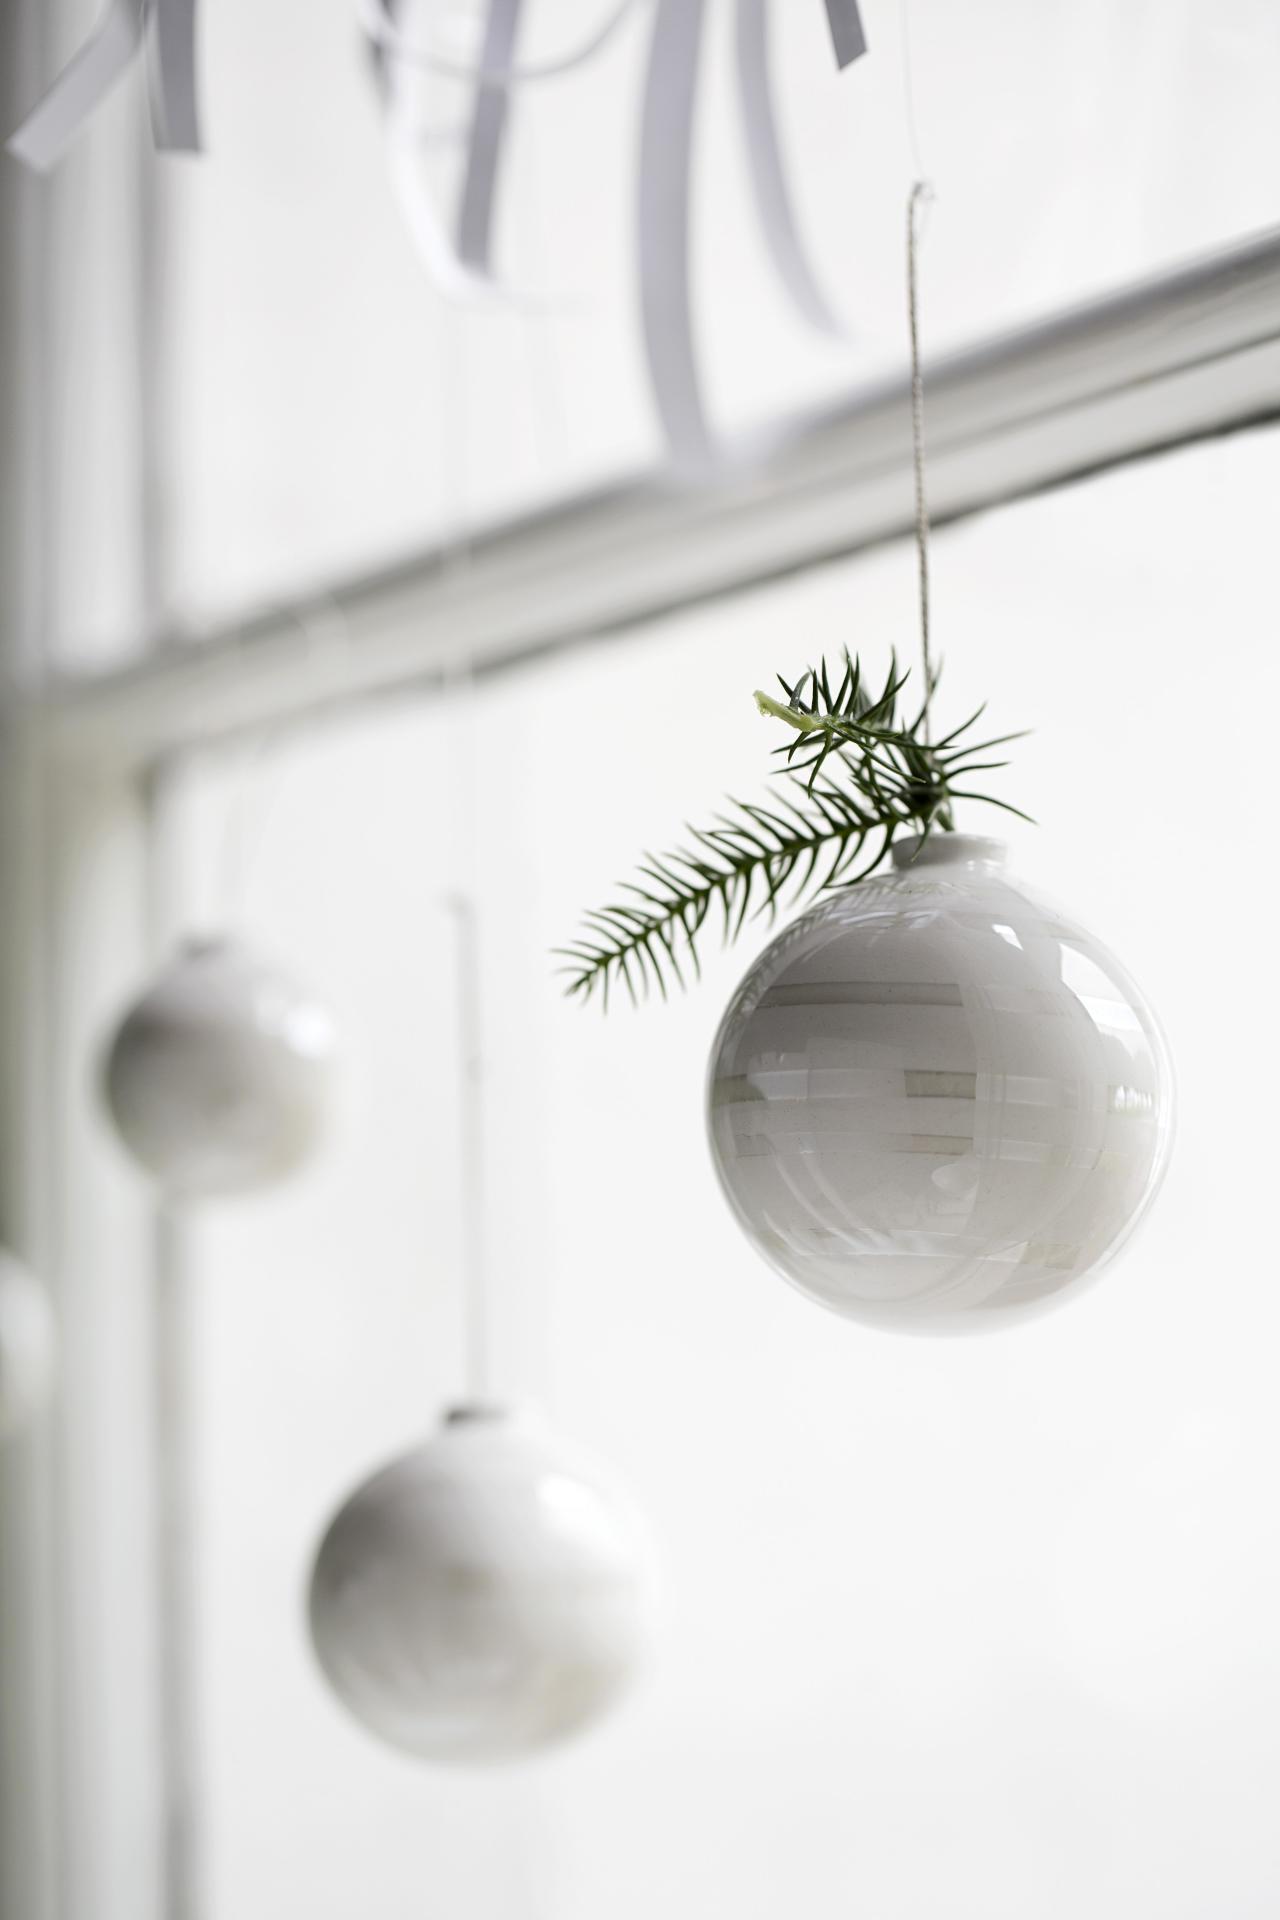 KÄHLER Keramické vánoční ozdoby Omaggio Pearl - set 3 ks, bílá barva, keramika